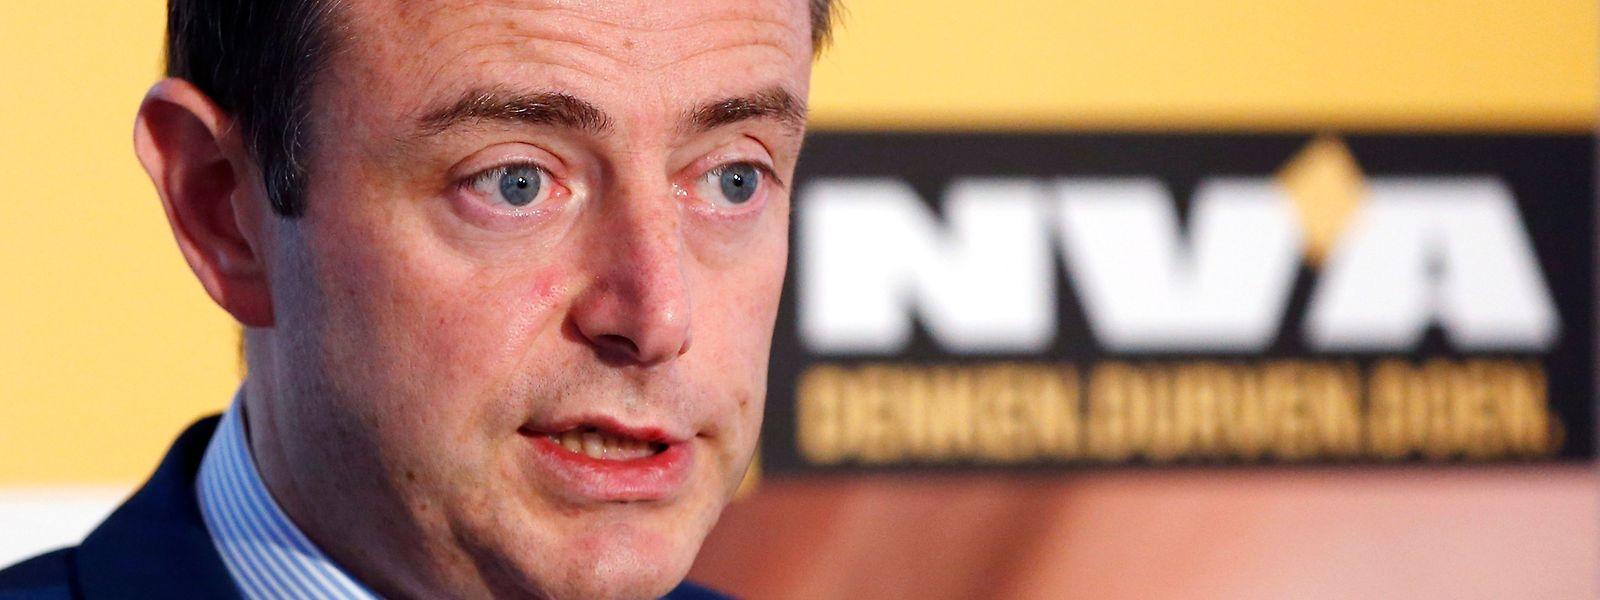 Les nationalistes de De Wever s'apprêtent à refuser une alliance avec le Vlaams Belang pour former un gouvernement flamand.